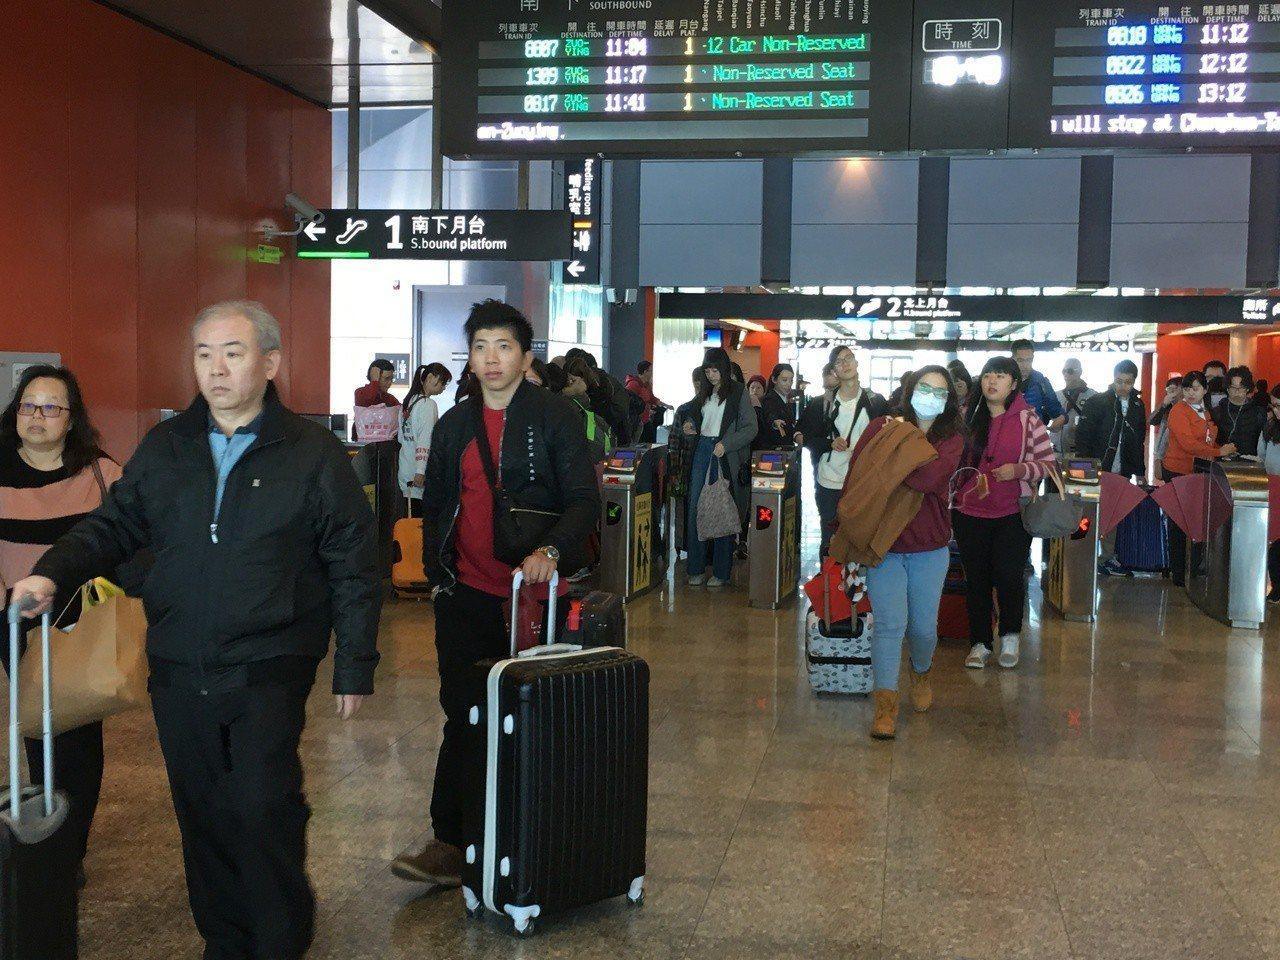 高鐵雲林站乘客日益增加,但每小時僅一班次,對南來北往的乘客相當不便,雲林縣長張麗...